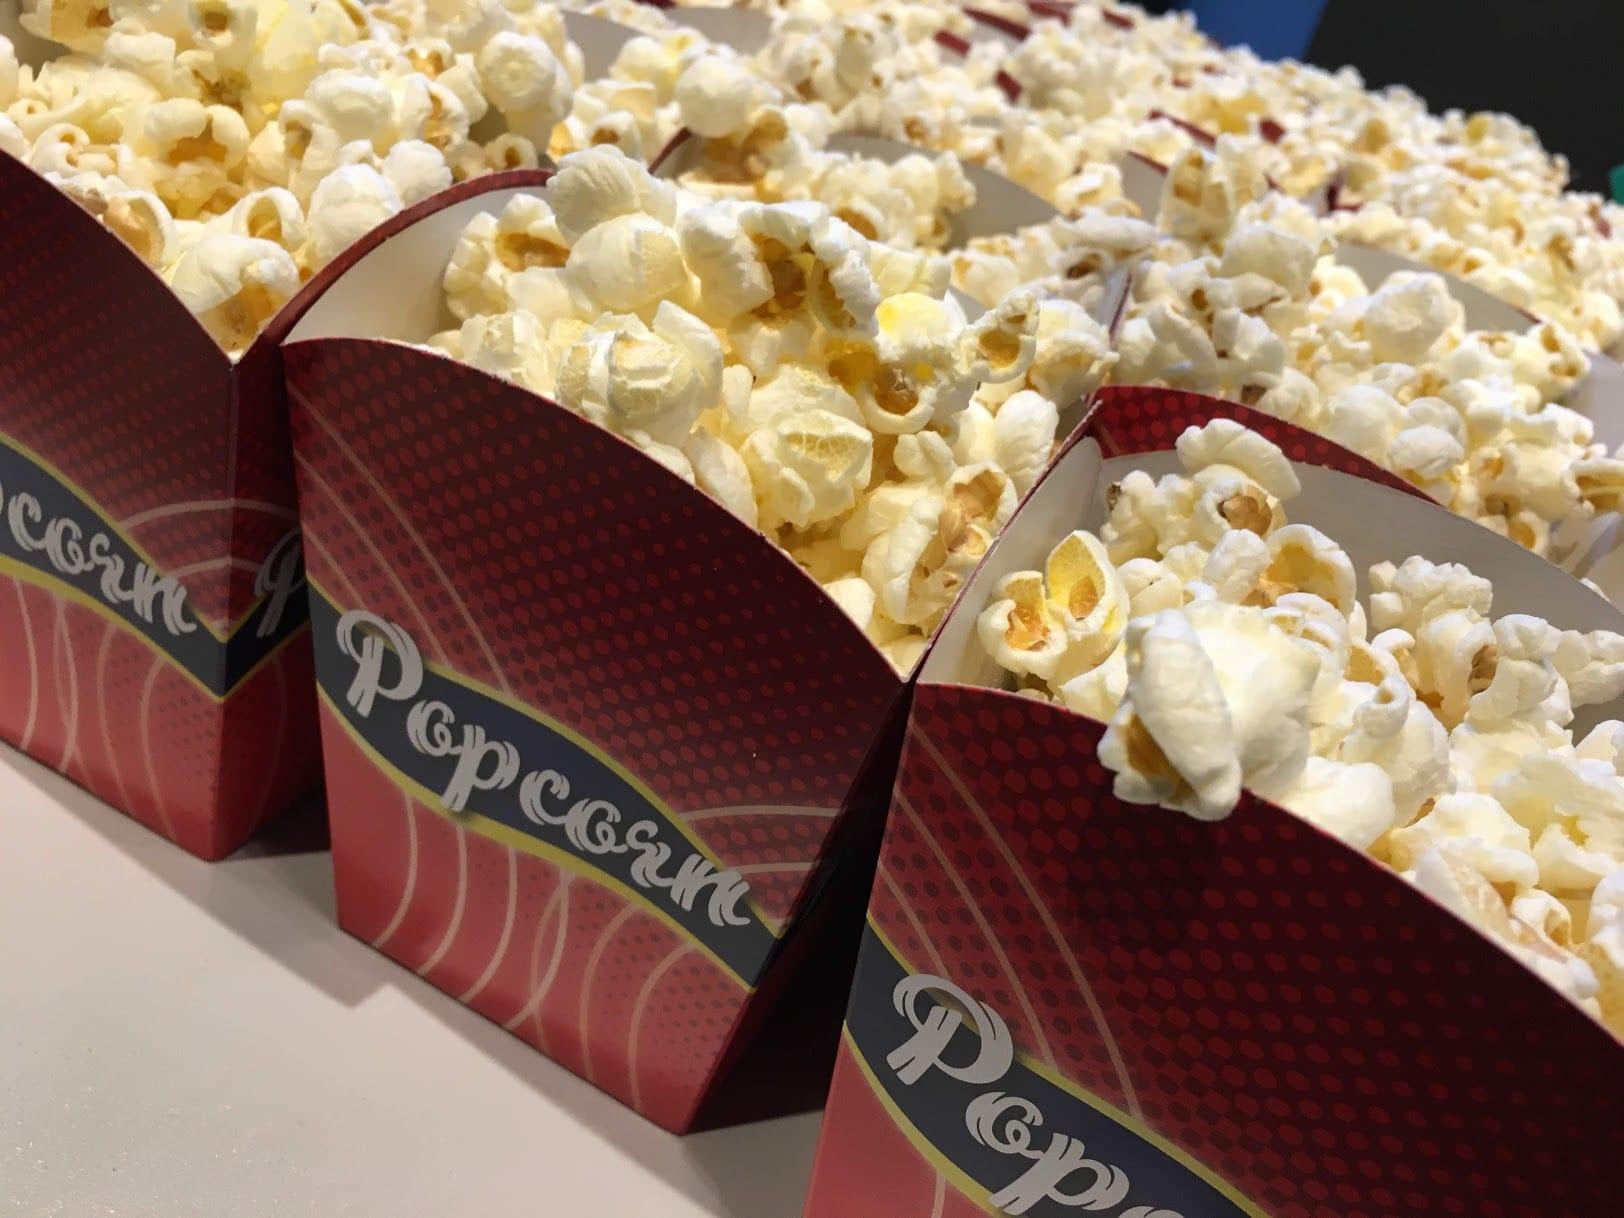 Popcornbagare-till-popcorn